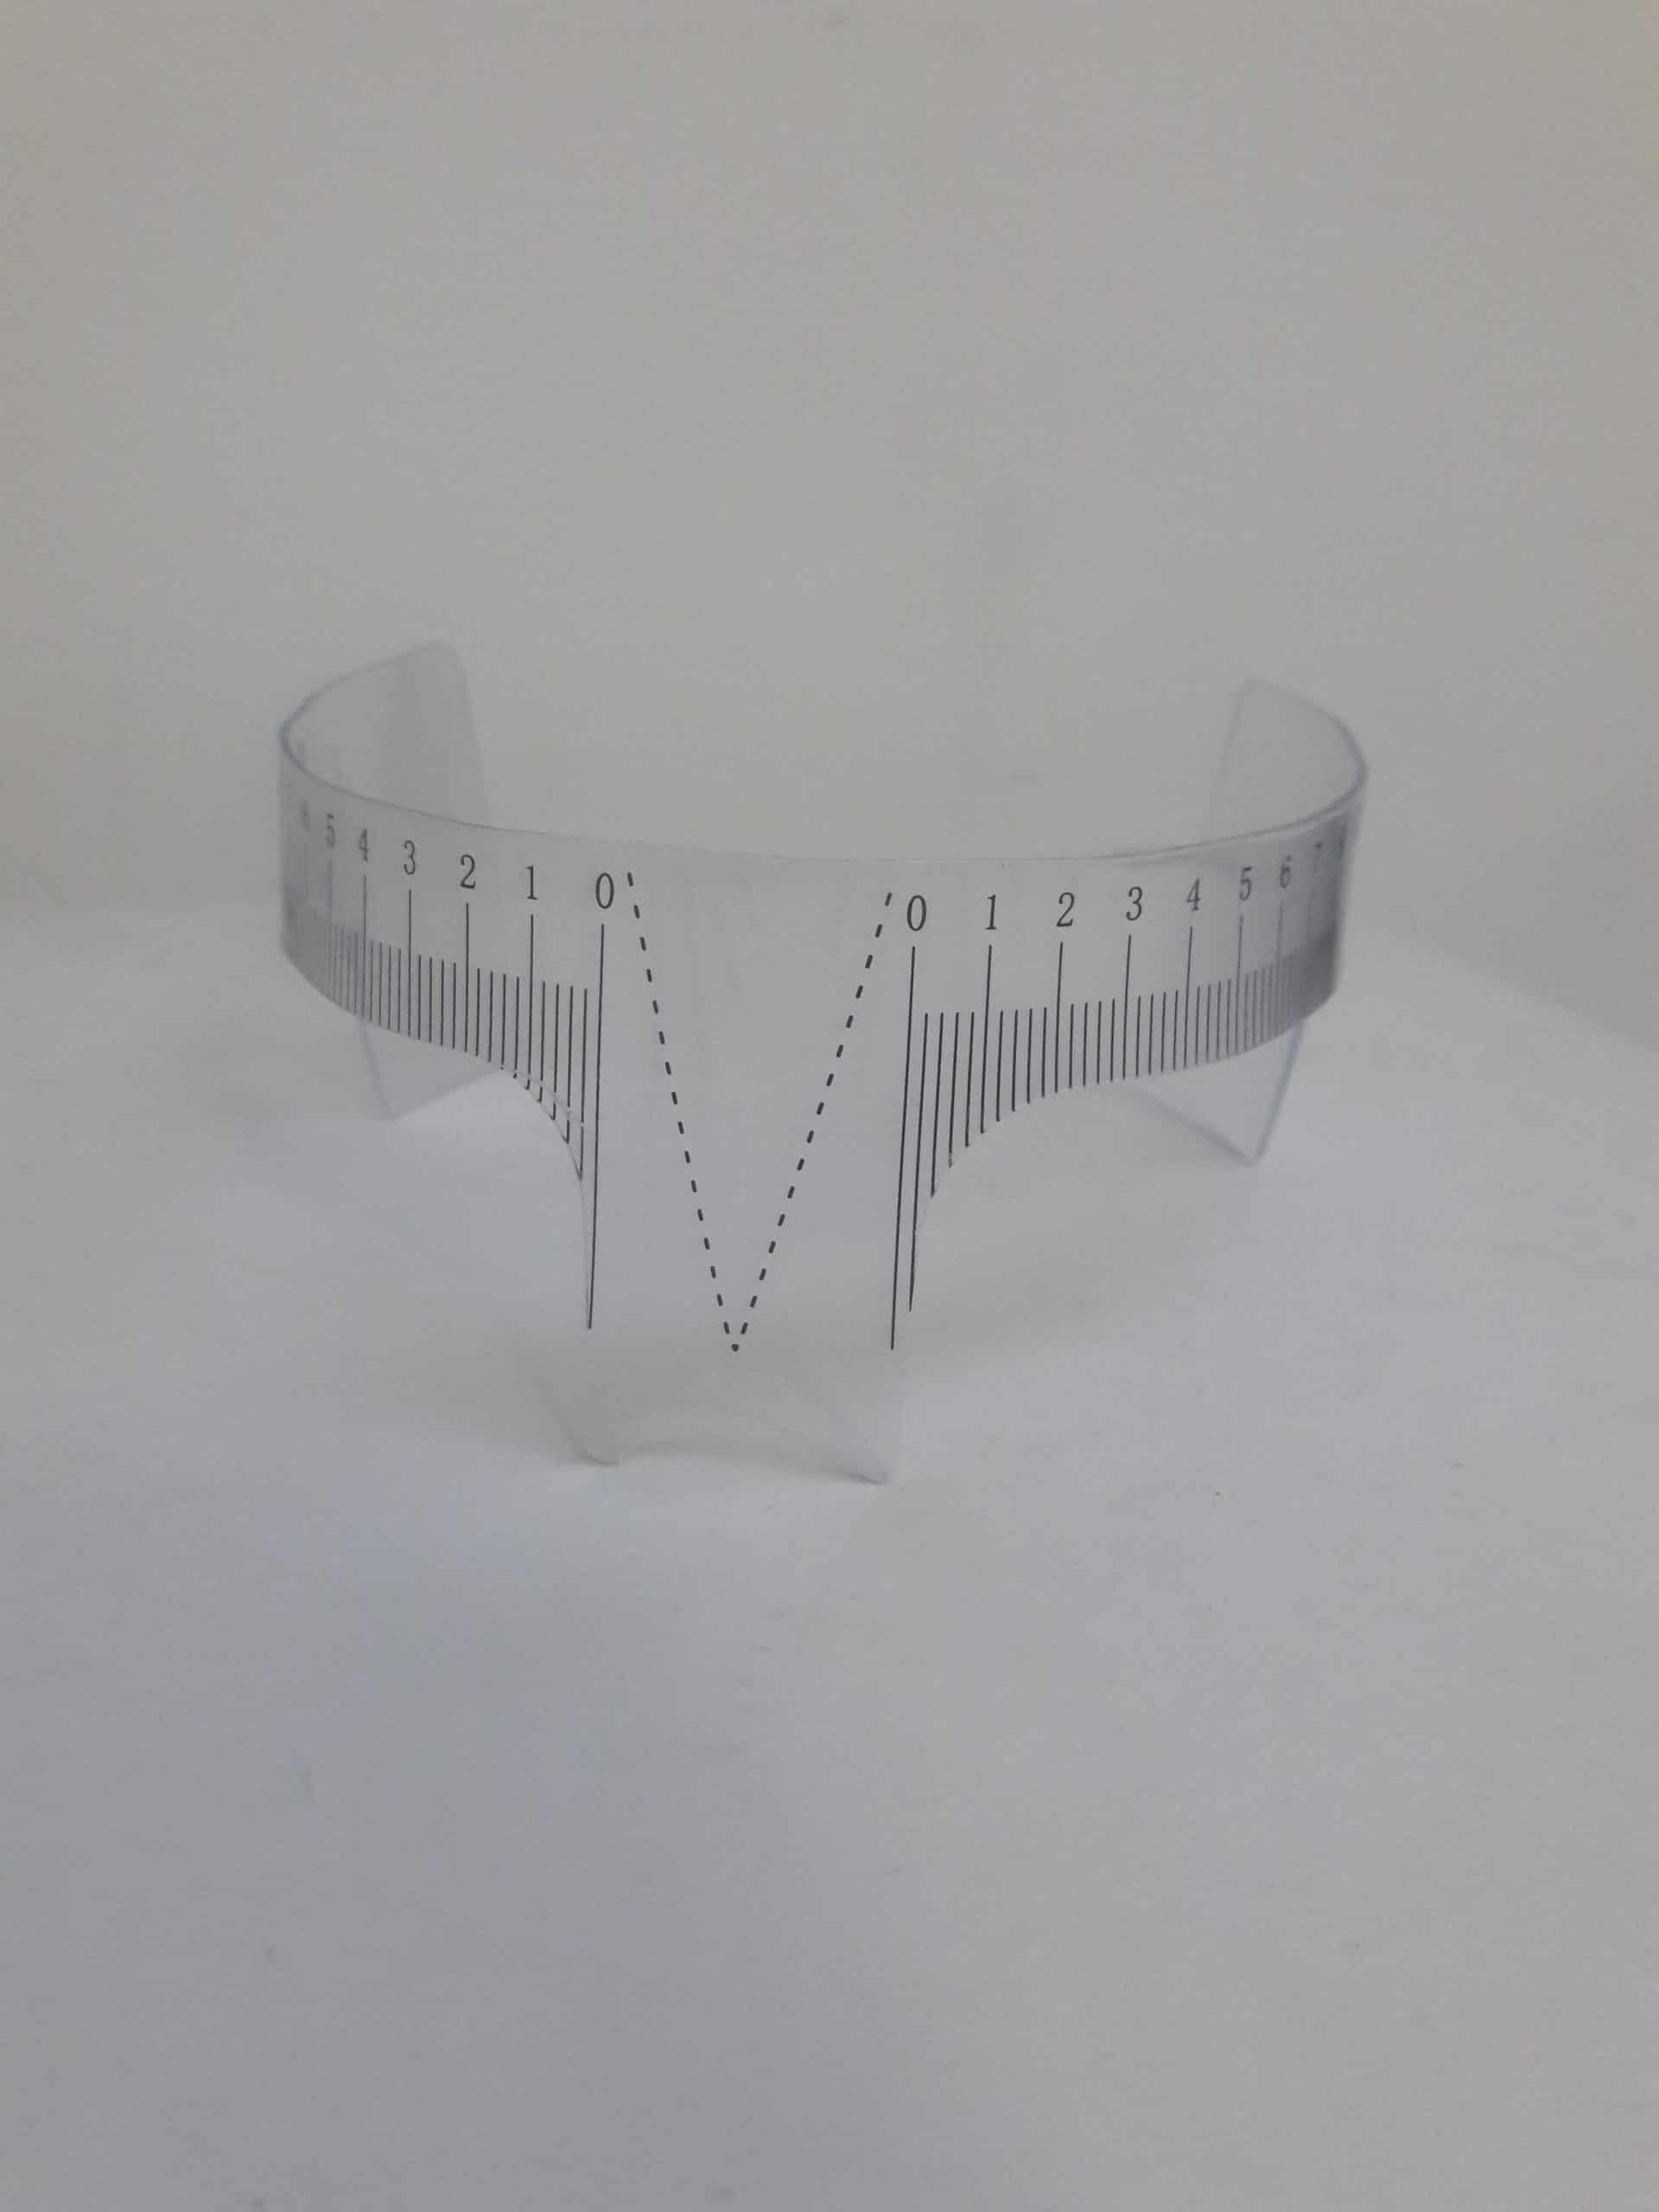 עיצוב גבות סימטריות ושוות עם סרגל גבות